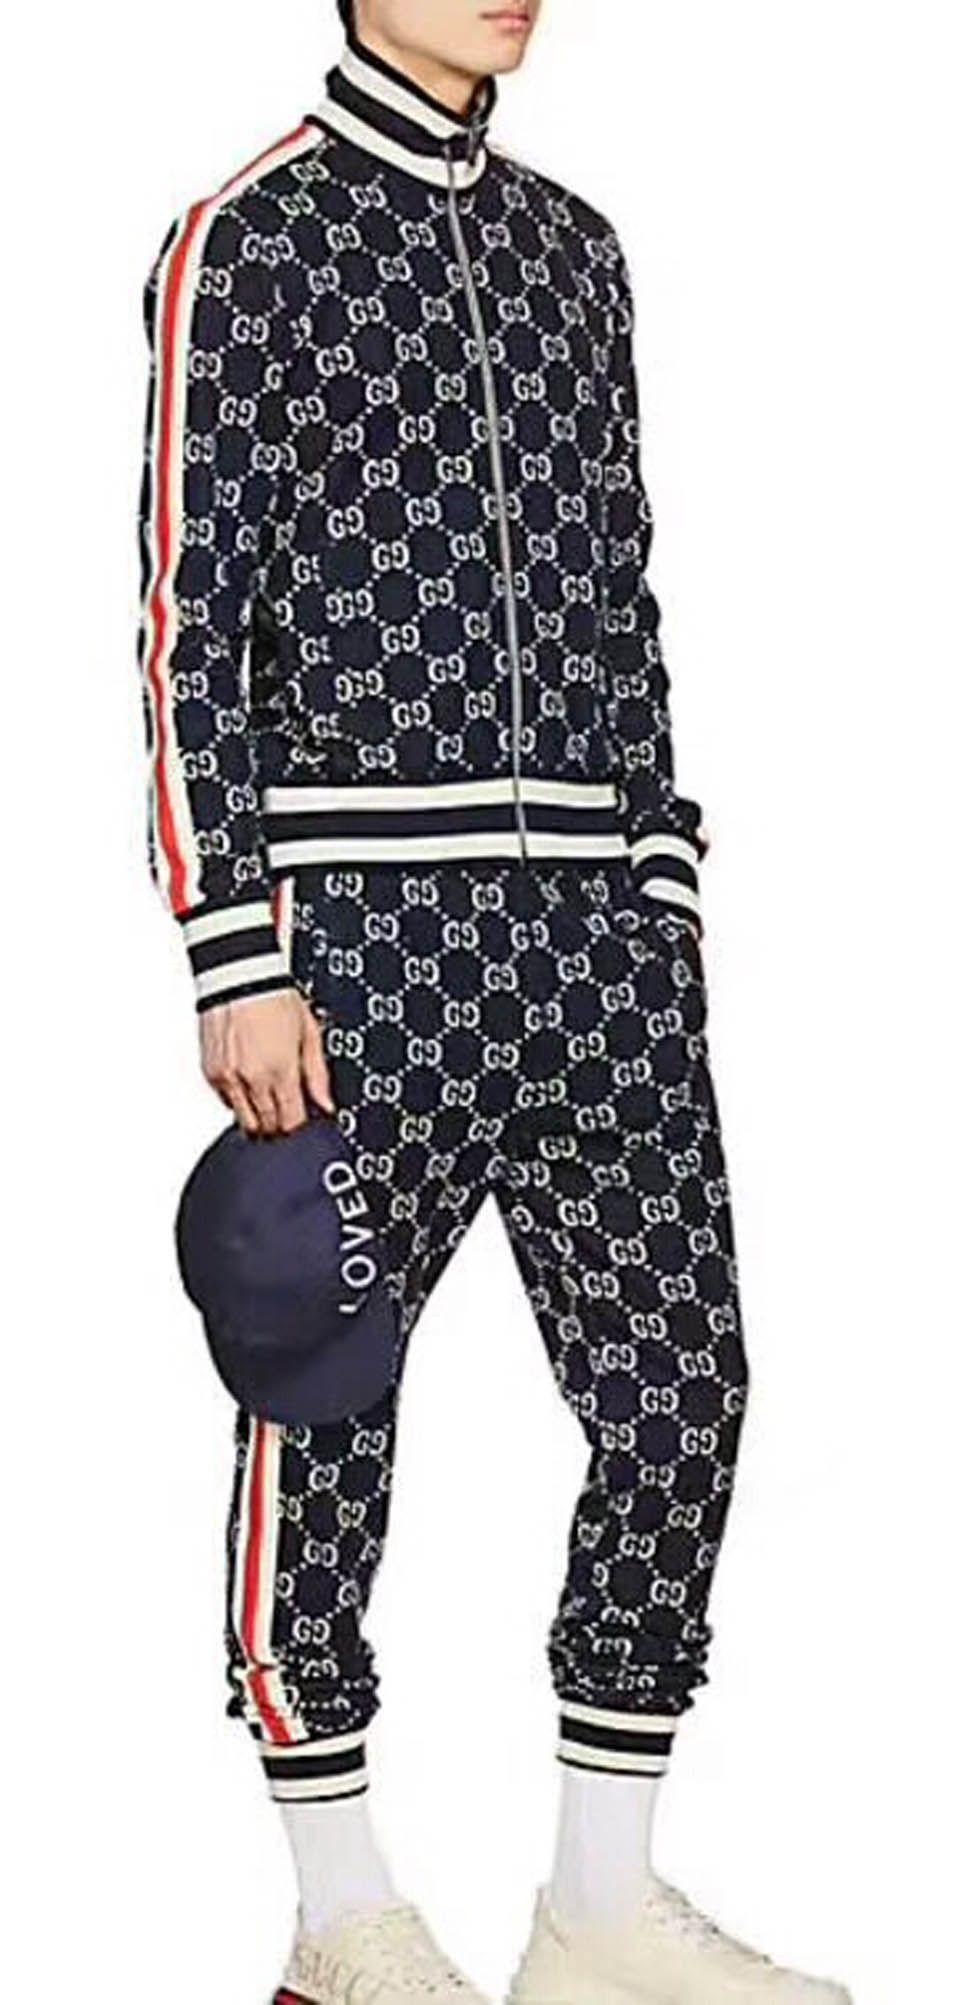 2019 novos designers da marca carta impressão correndo sportswear terno sweater terno jaqueta casual jaqueta masculina dos homens moletom com capuz